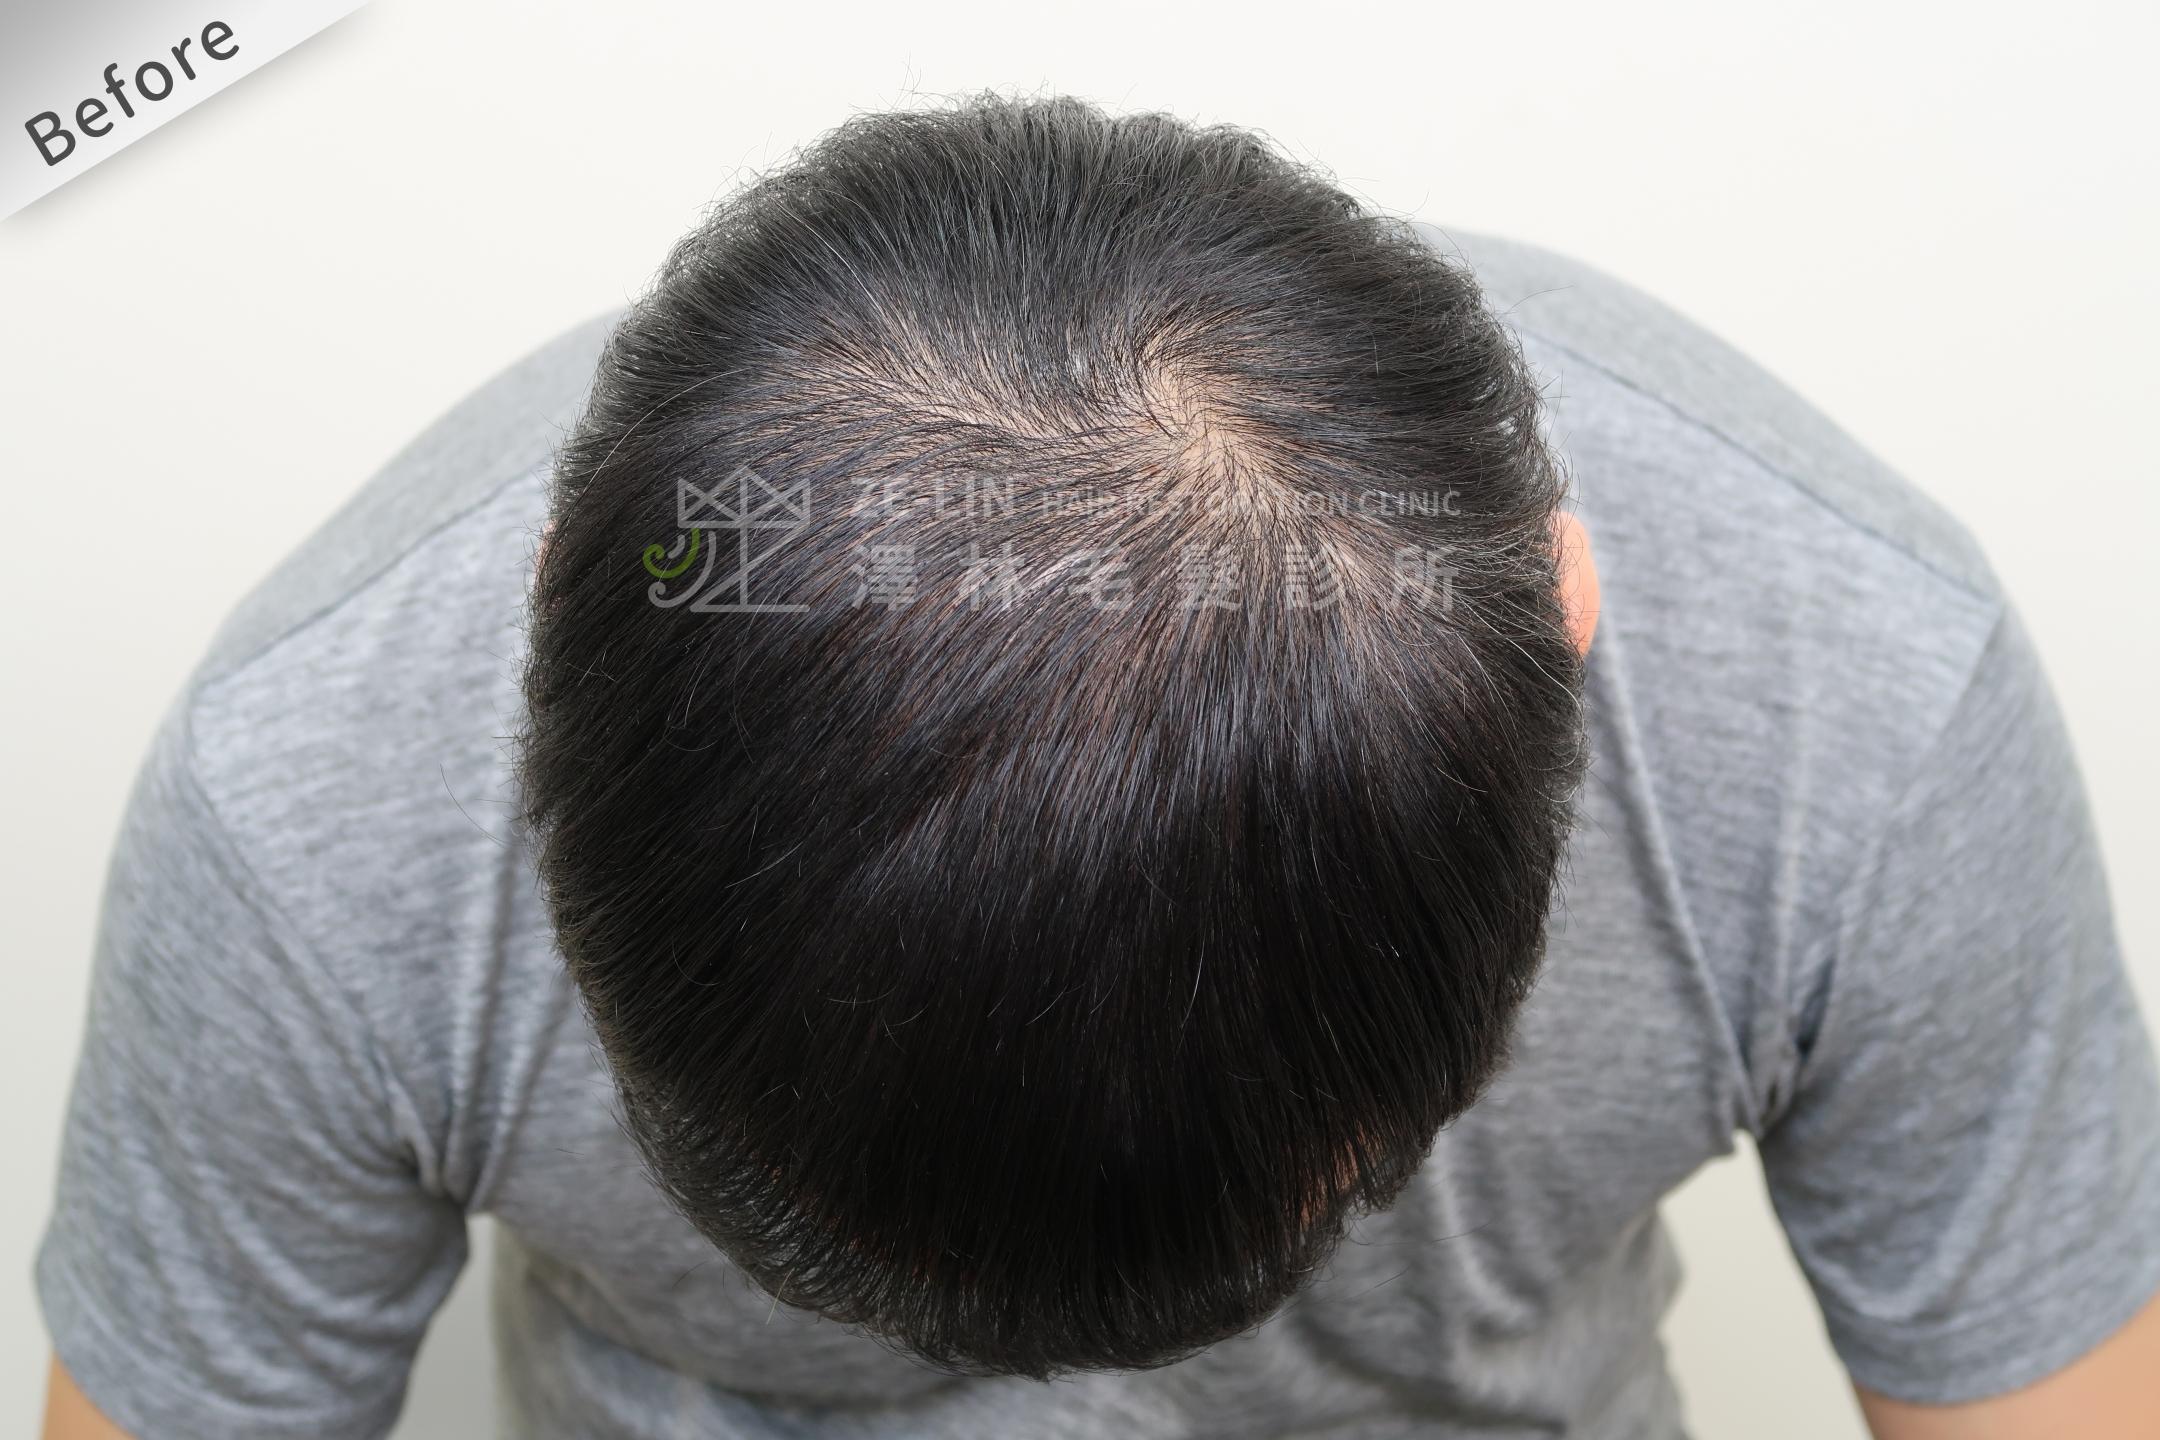 生髮育髮治療PRP自體生長因子注射治療雄性禿頂部術前4